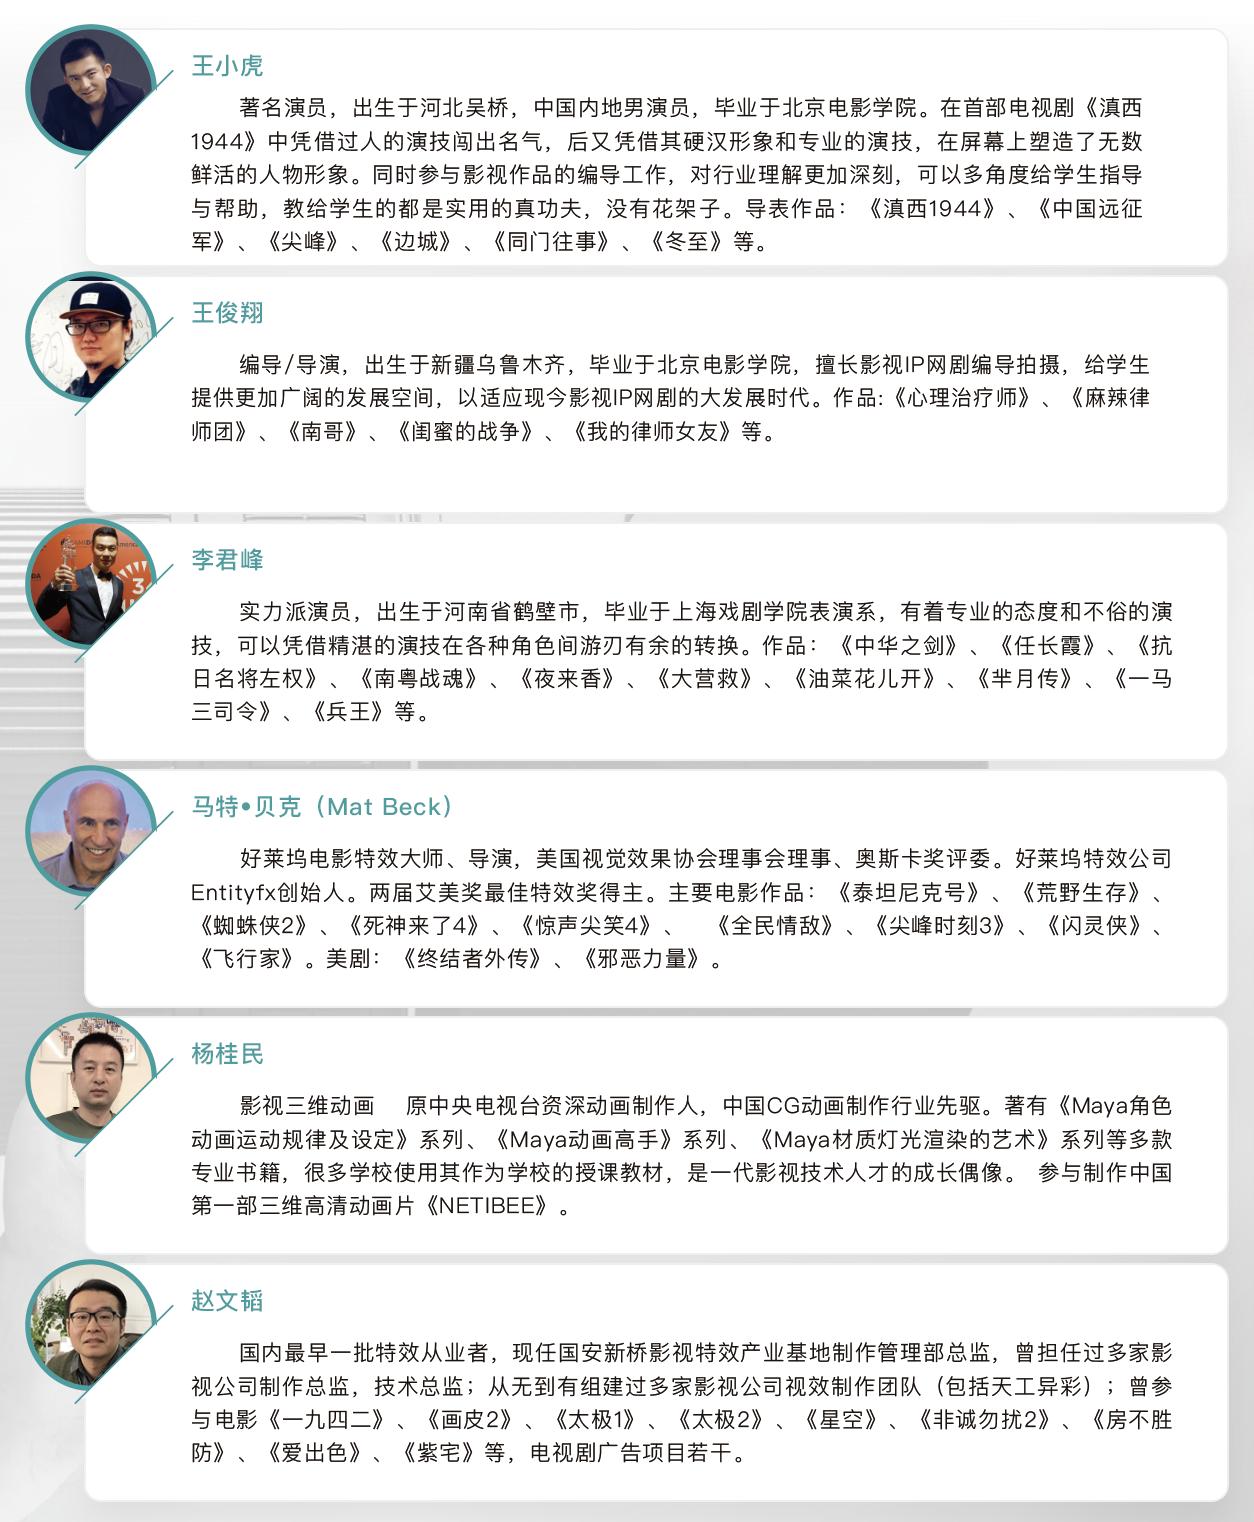 河南师范大学影视艺术